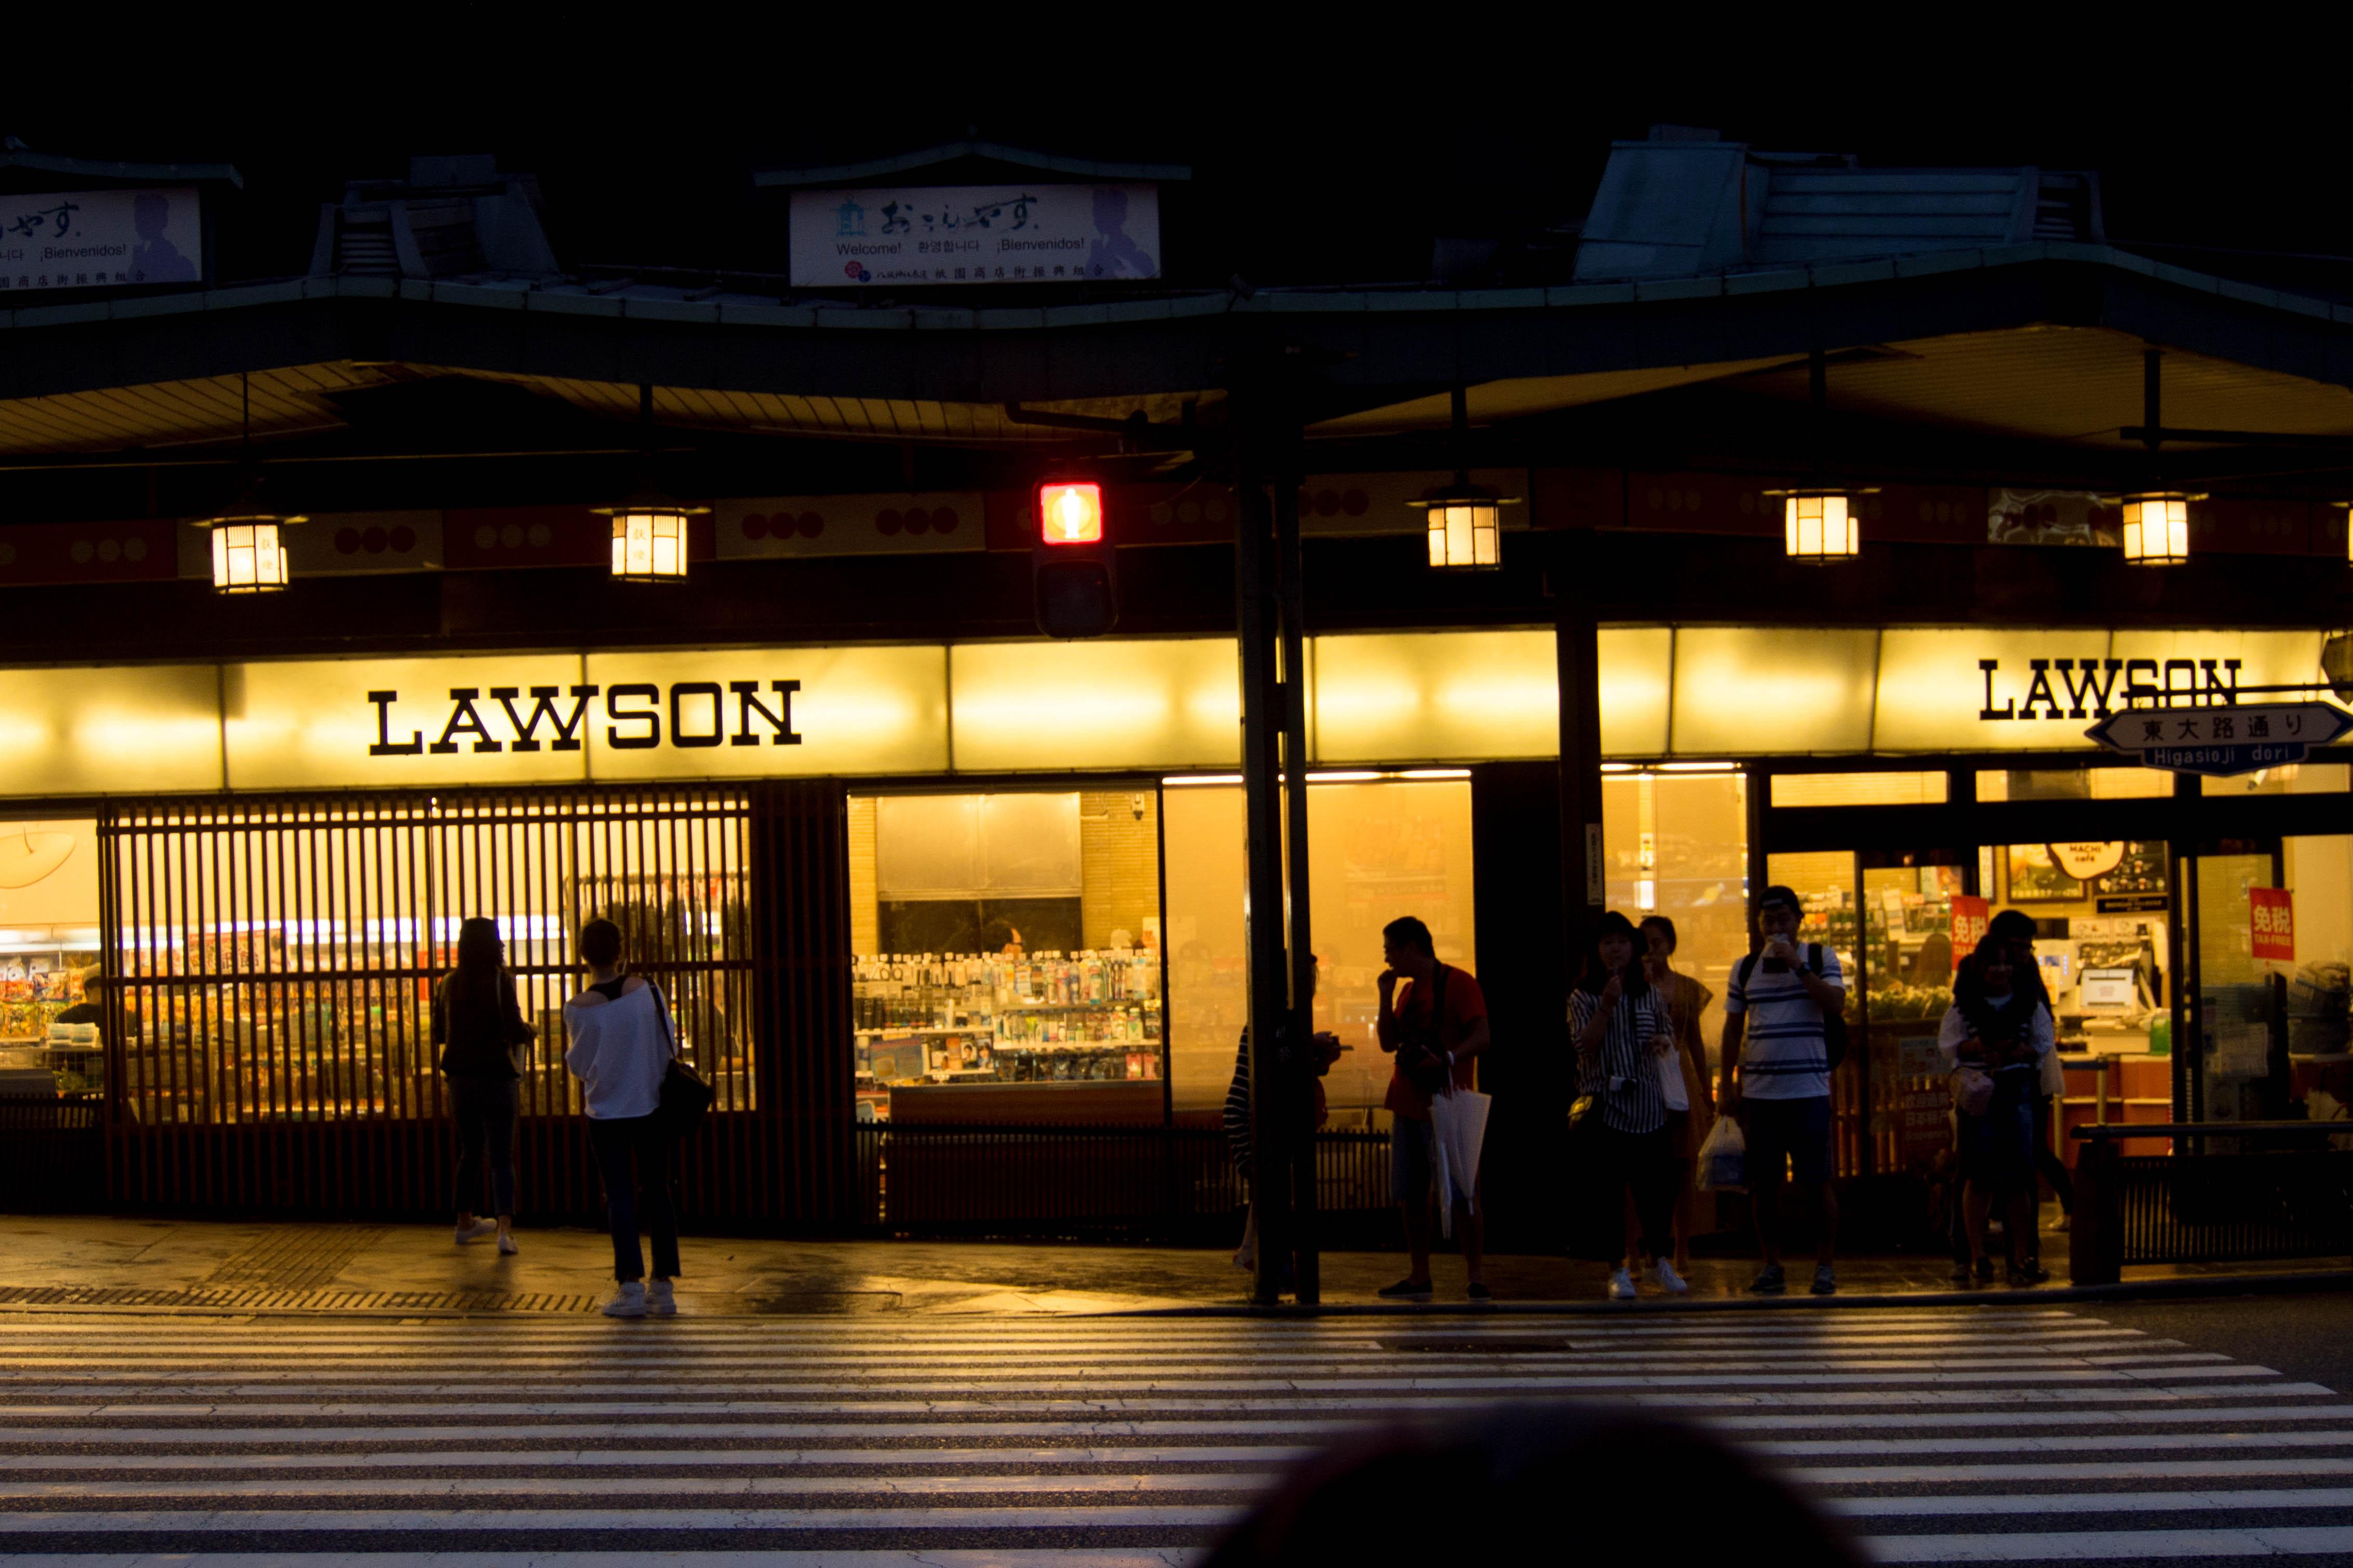 Supermercati e tradizione: adattarsi all'ambiente. - The Japanese Dreams